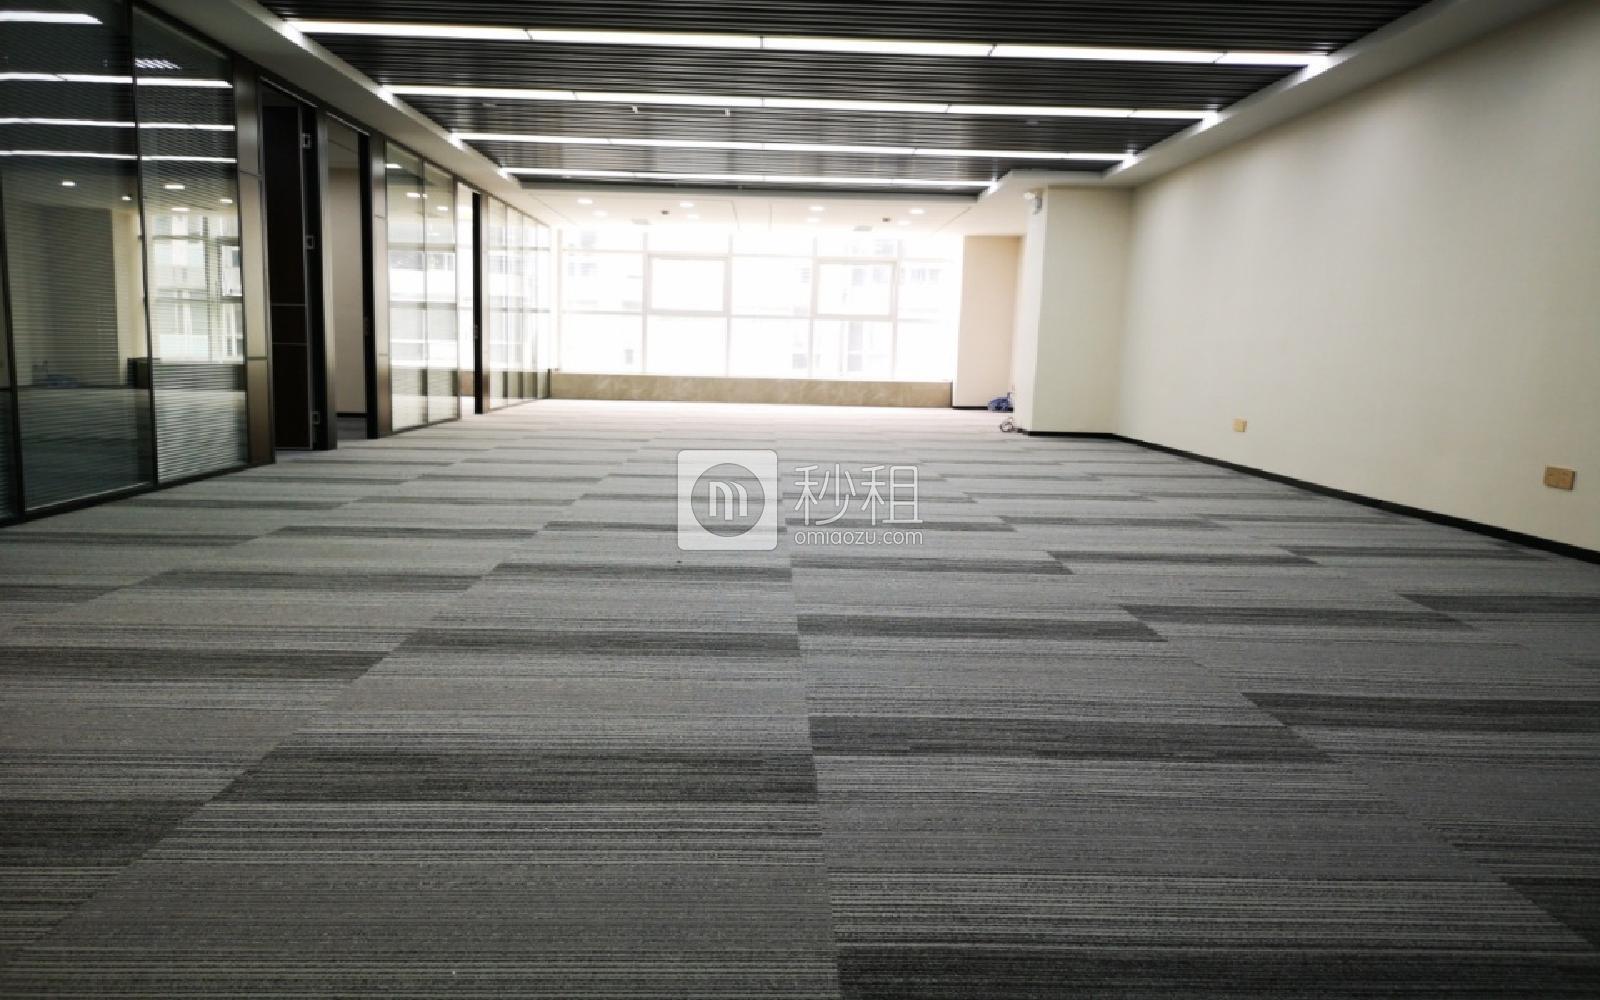 南山-科技园 德维森大厦 498m²